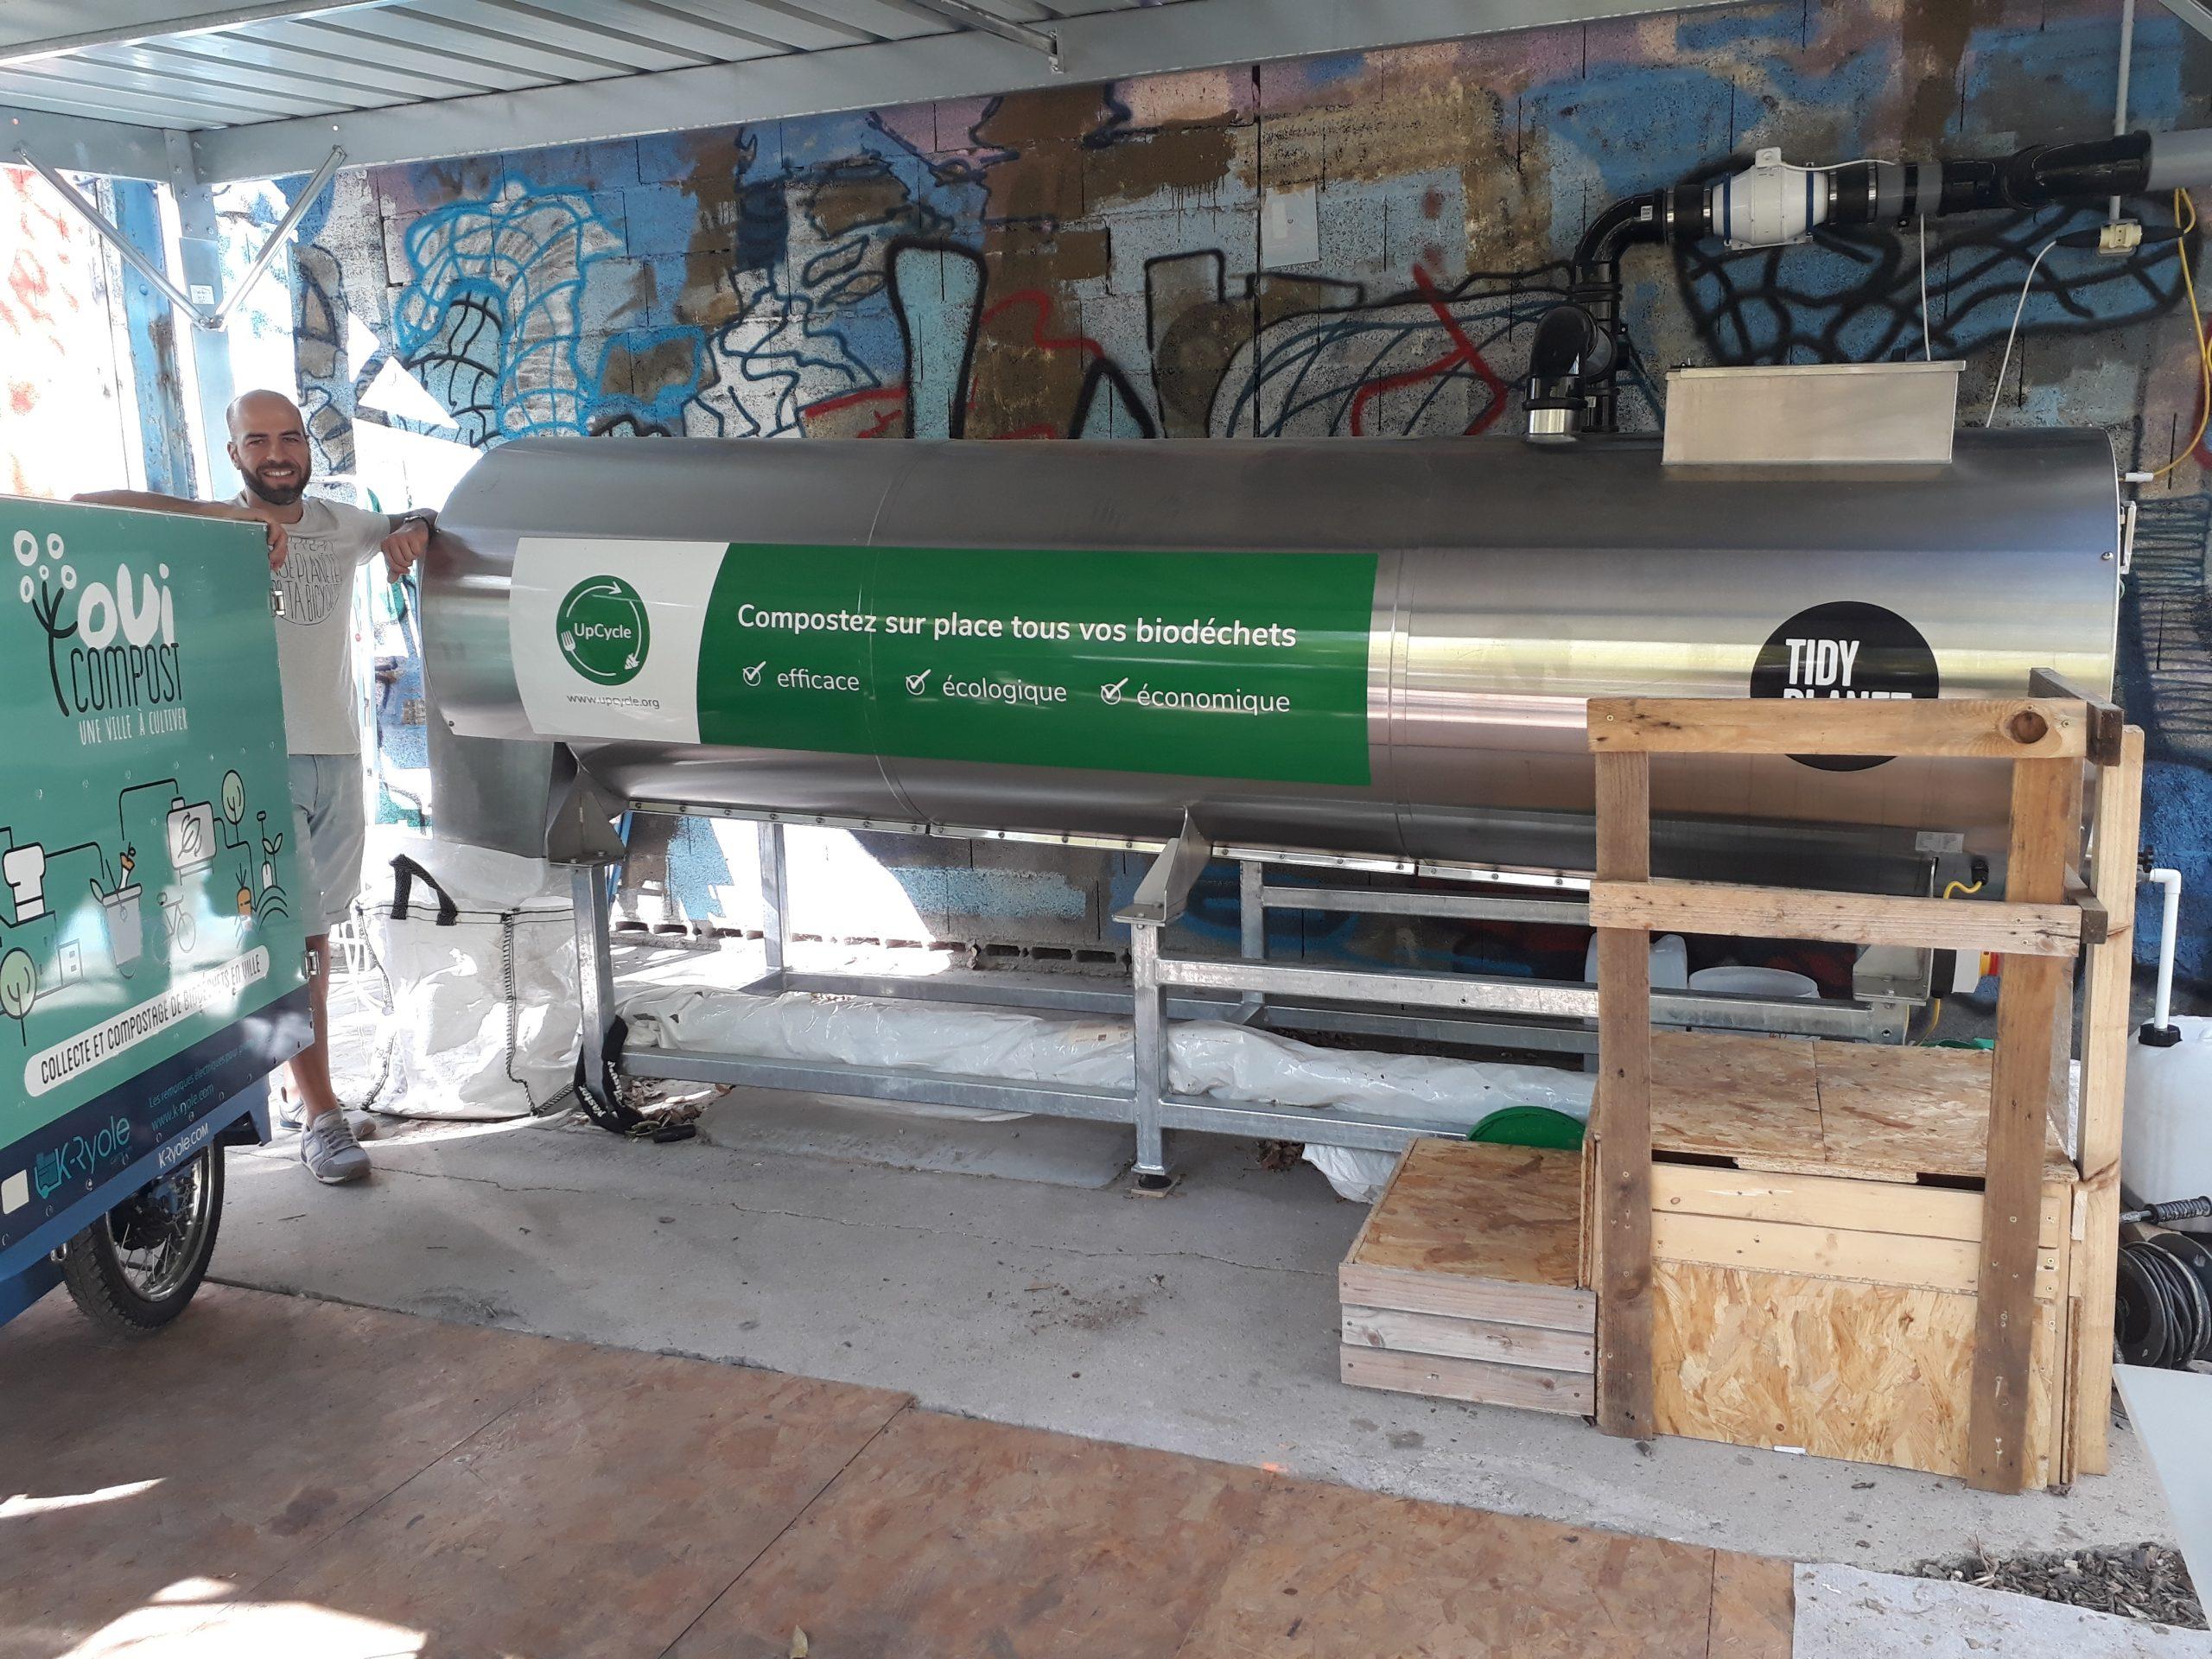 ouicompost & UpCycle valorisent les biodechets des restaurants lyonnais